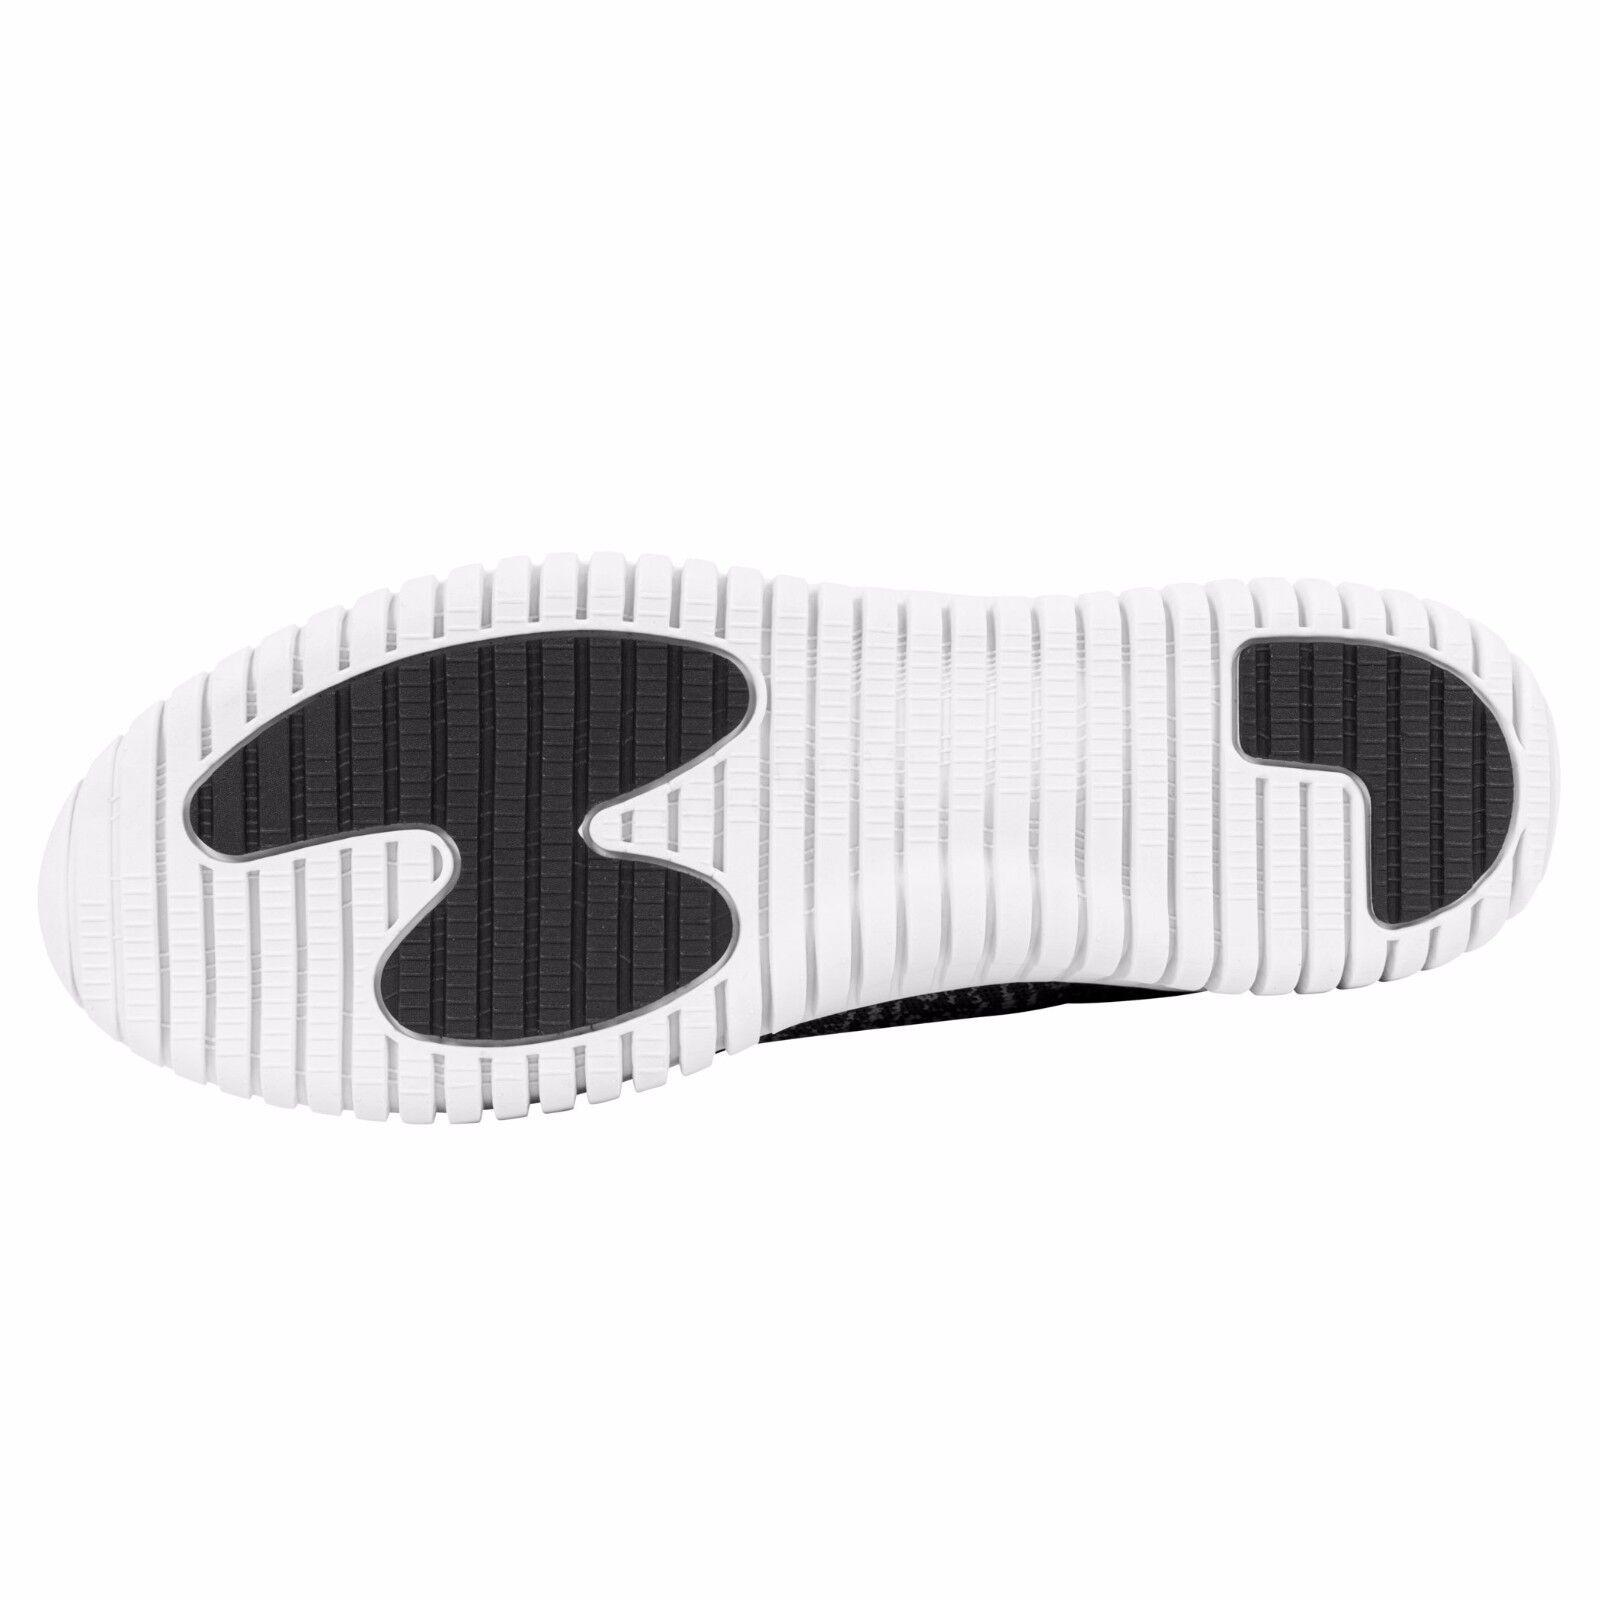 URBAN CLASSICS Knitted Light Scarpe Unisex Uomo Donna Sneaker 36-47 tb1480 Scarpe classiche da uomo